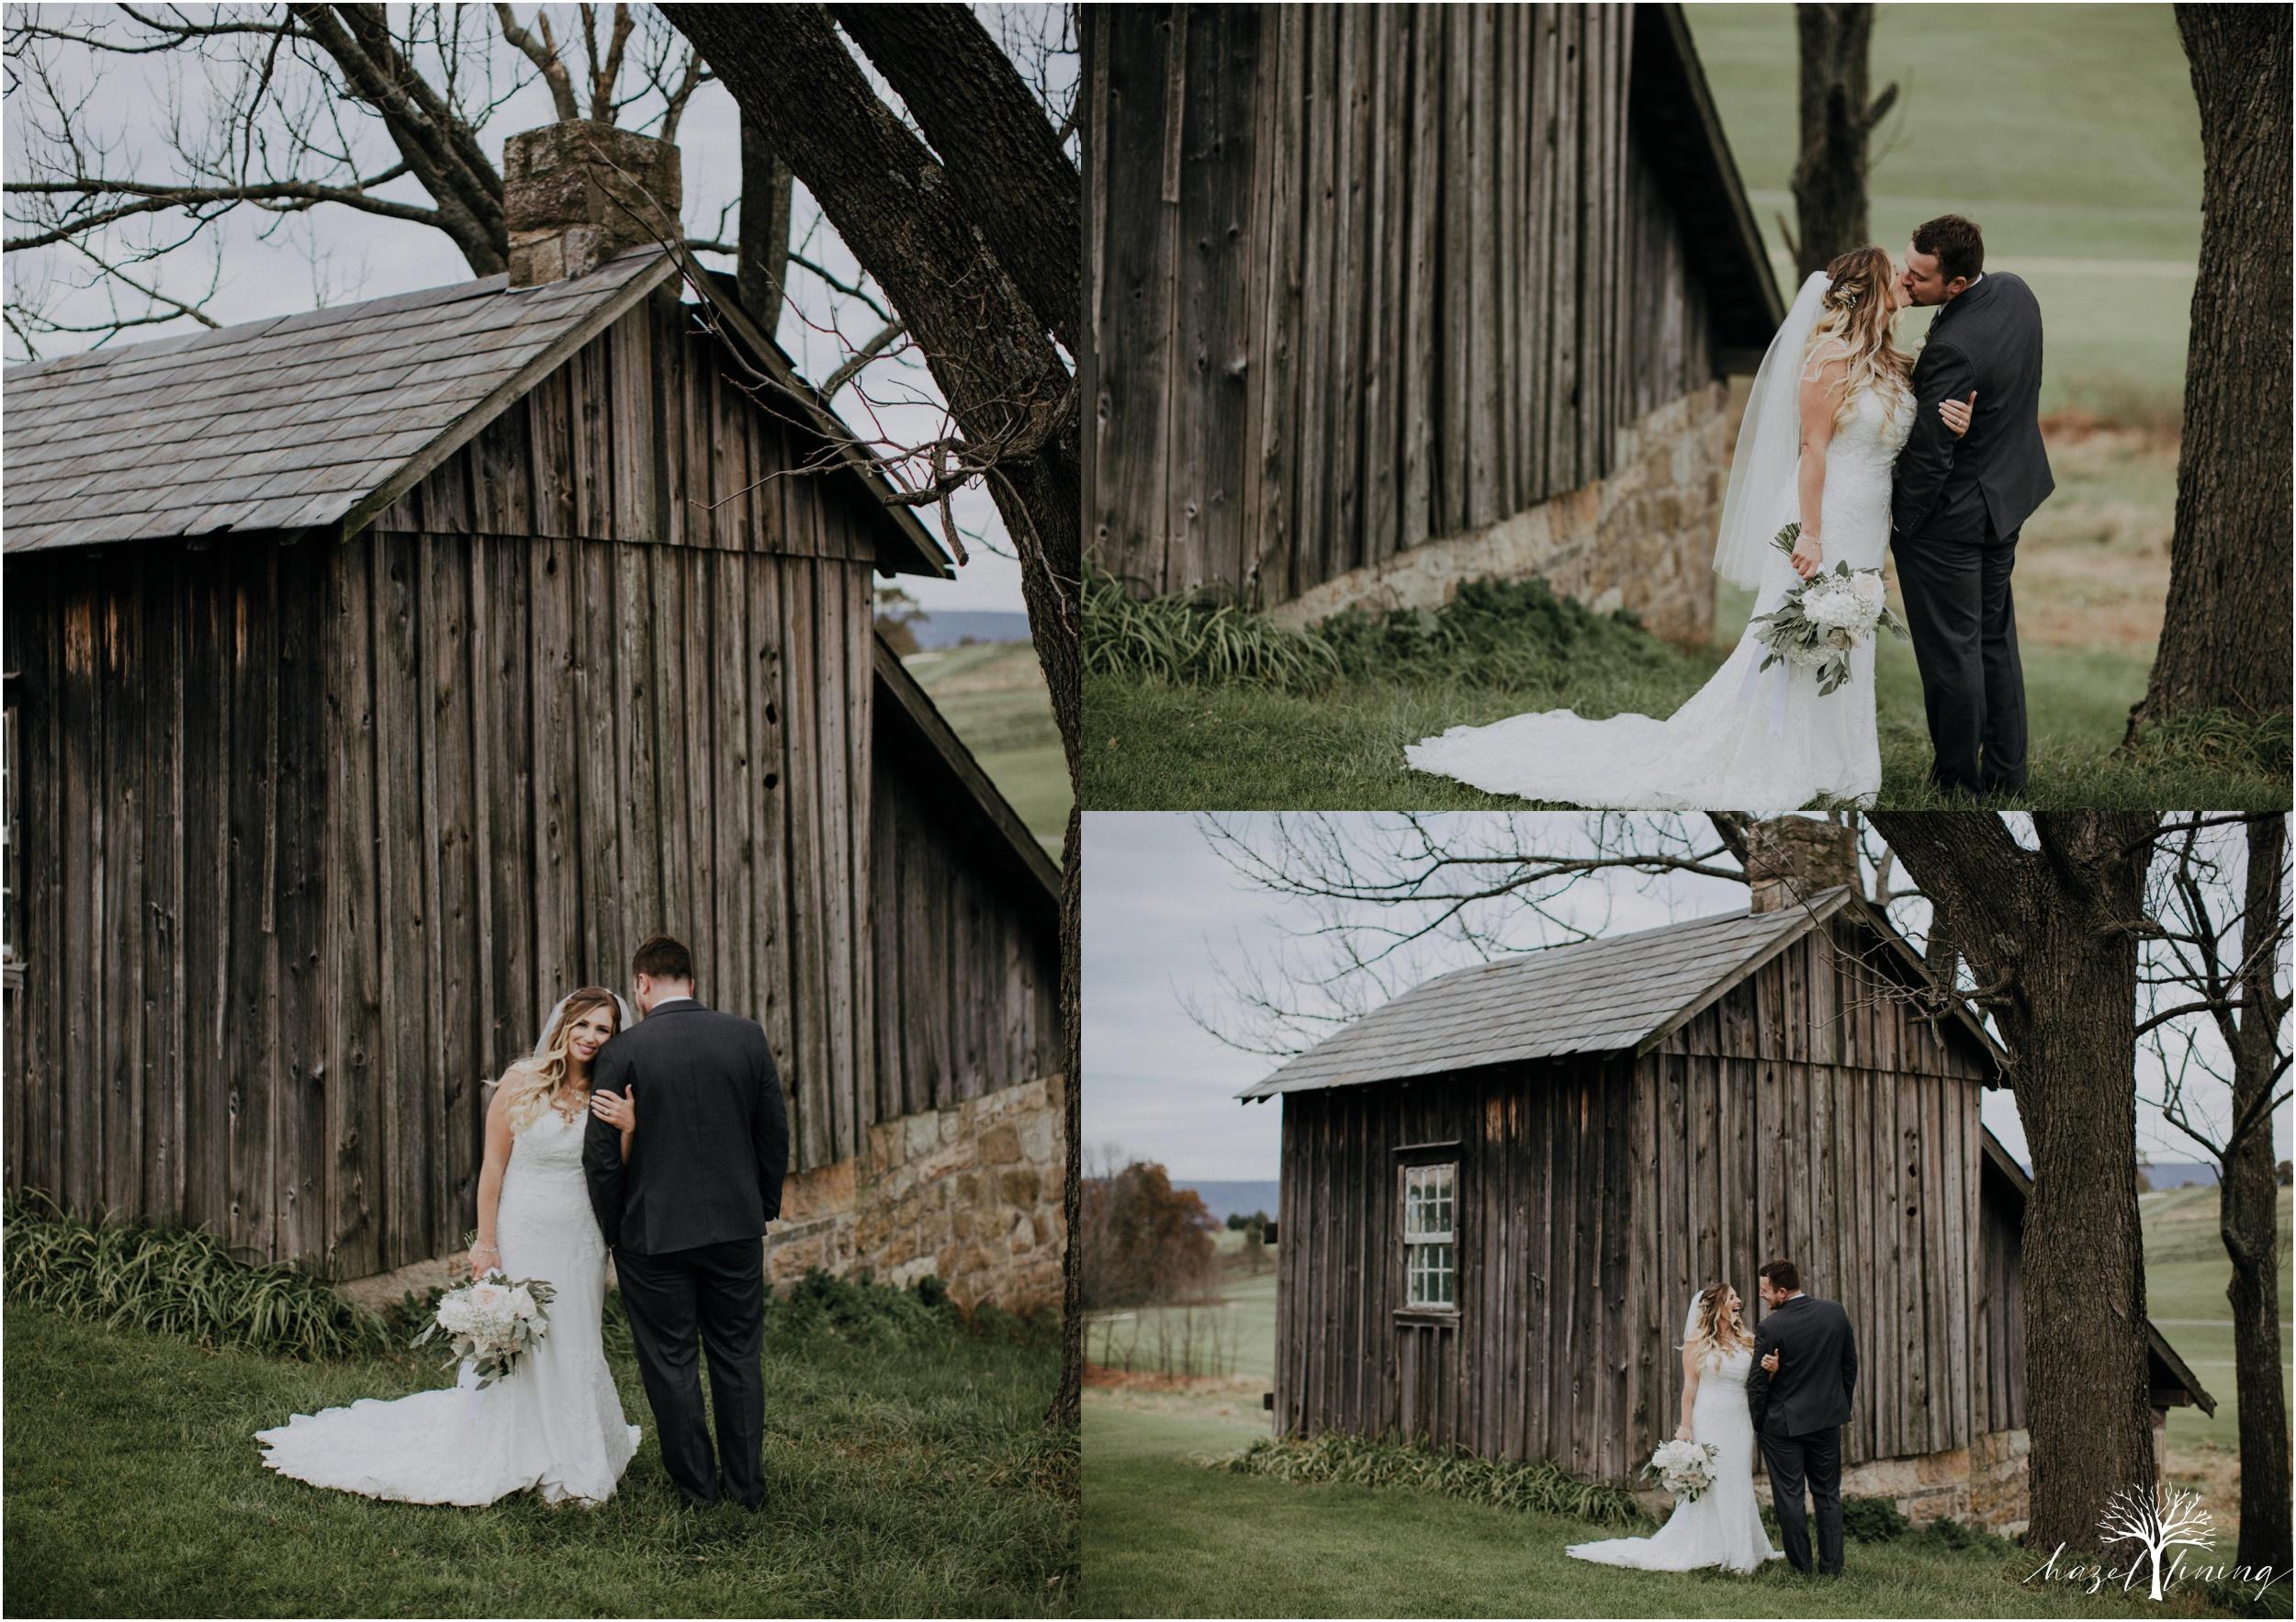 jessie-martin-zach-umlauf-olde-homestead-golfclub-outdoor-autumn-wedding_0110.jpg